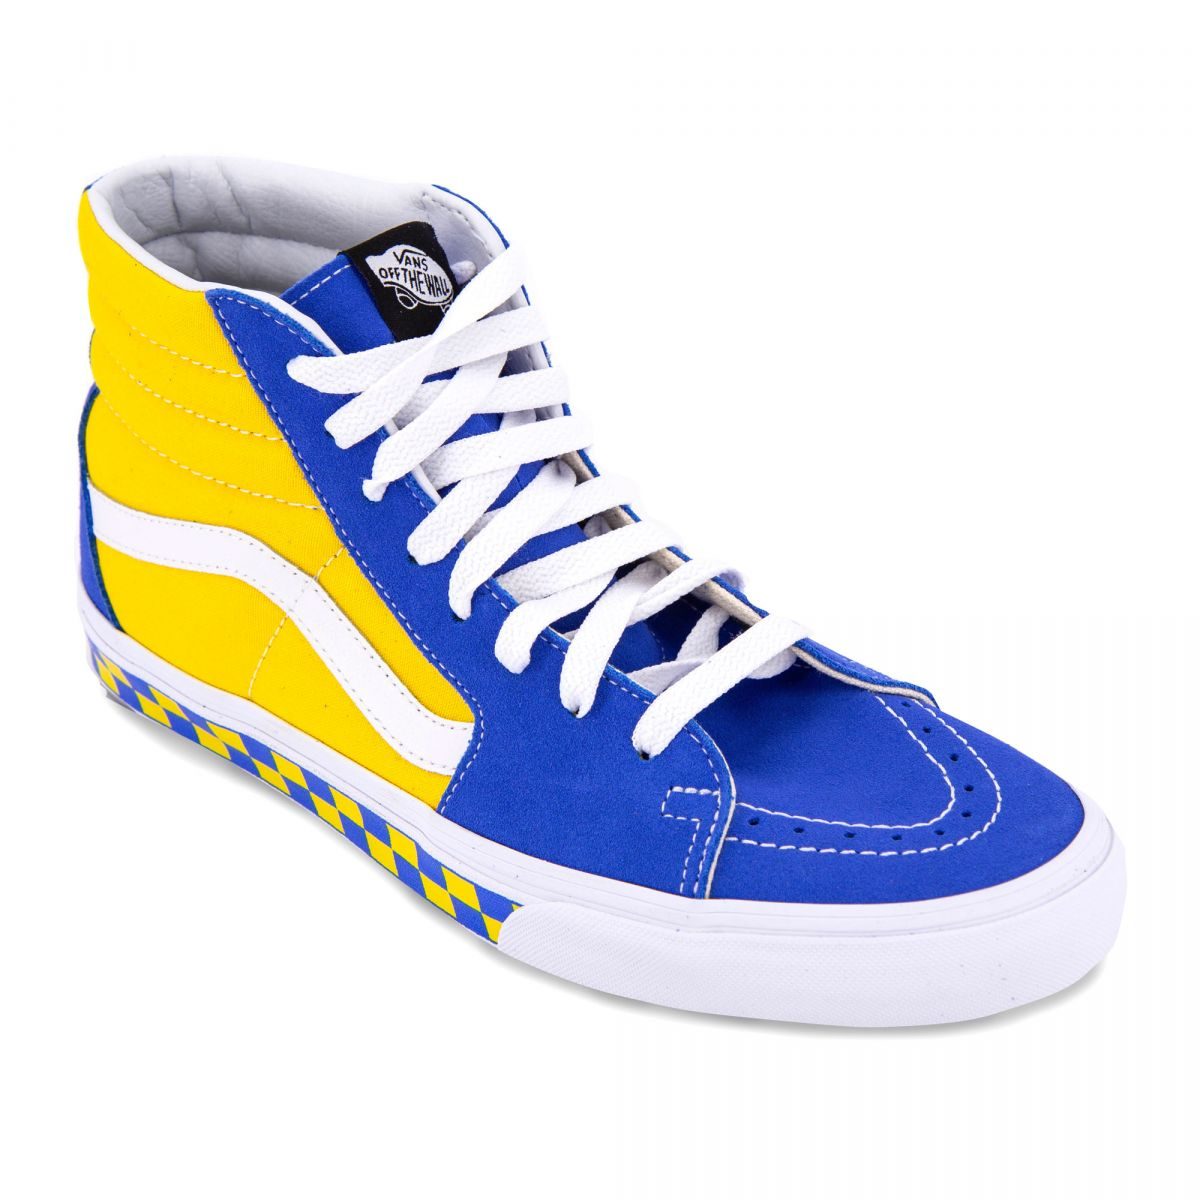 vans bleu et jaune